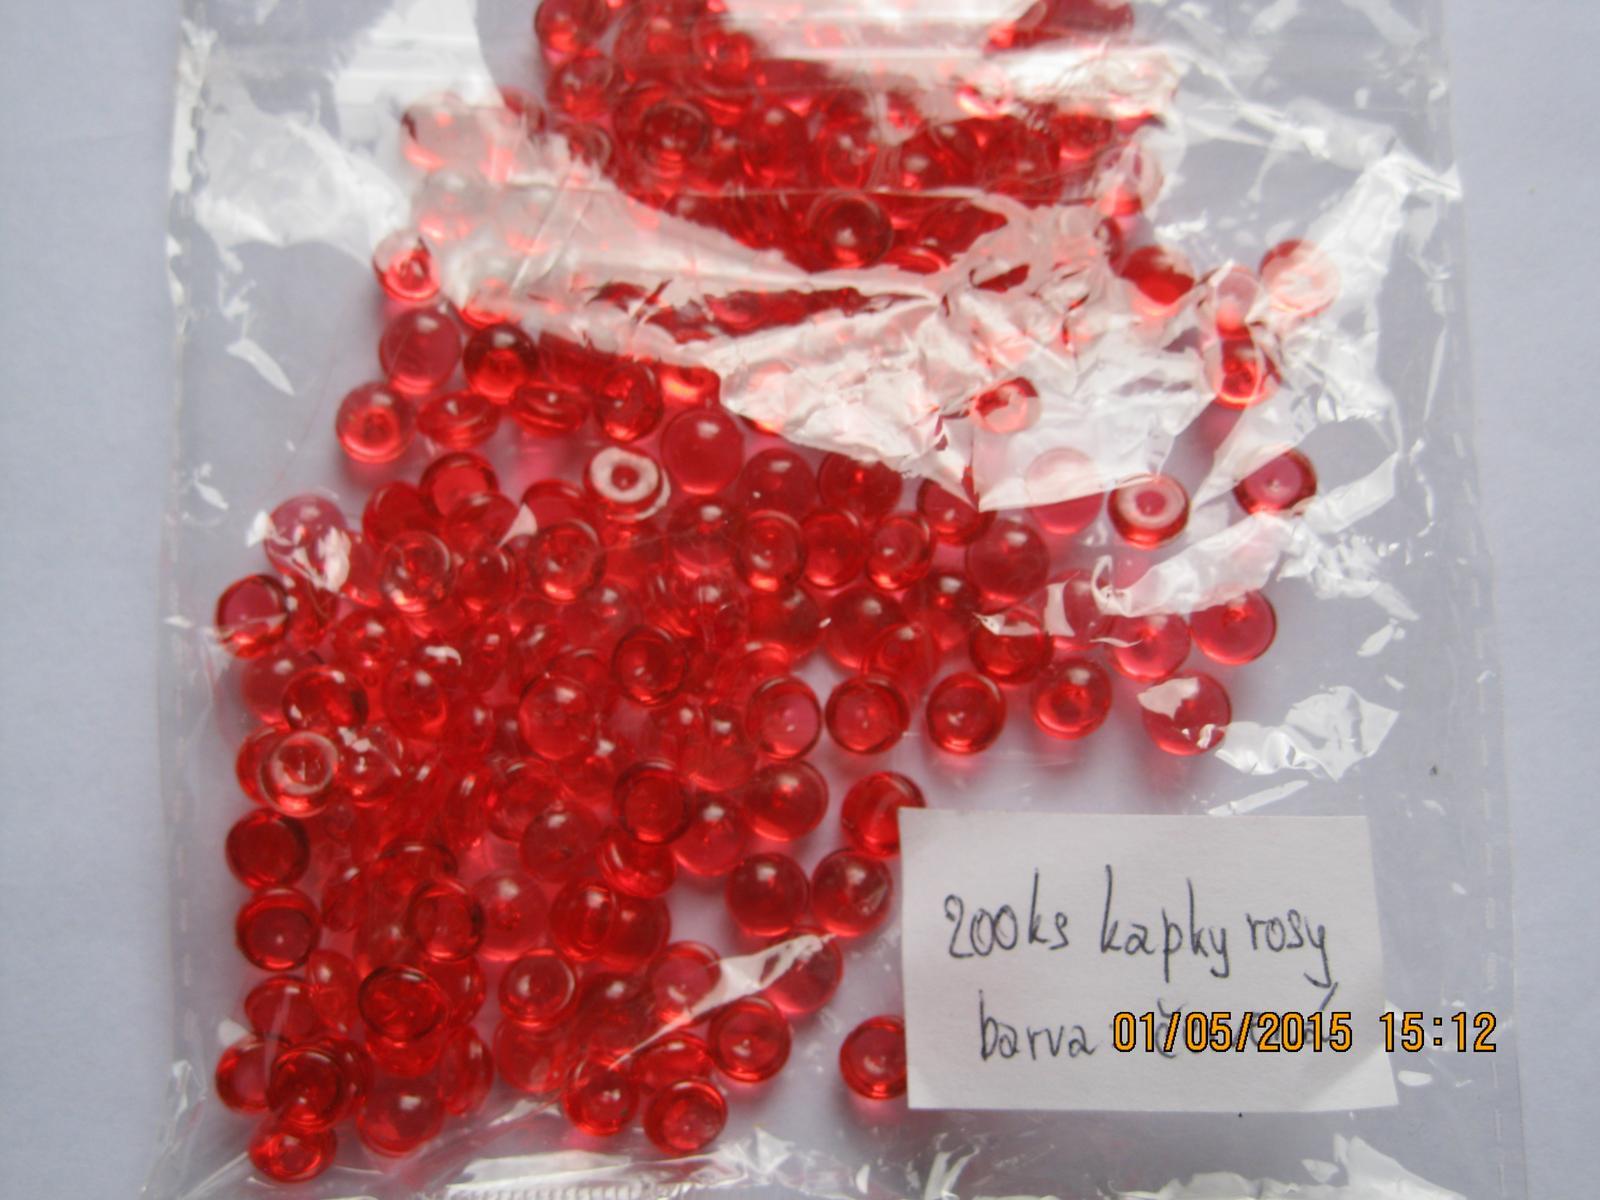 Kapky rosy červené - Obrázek č. 1